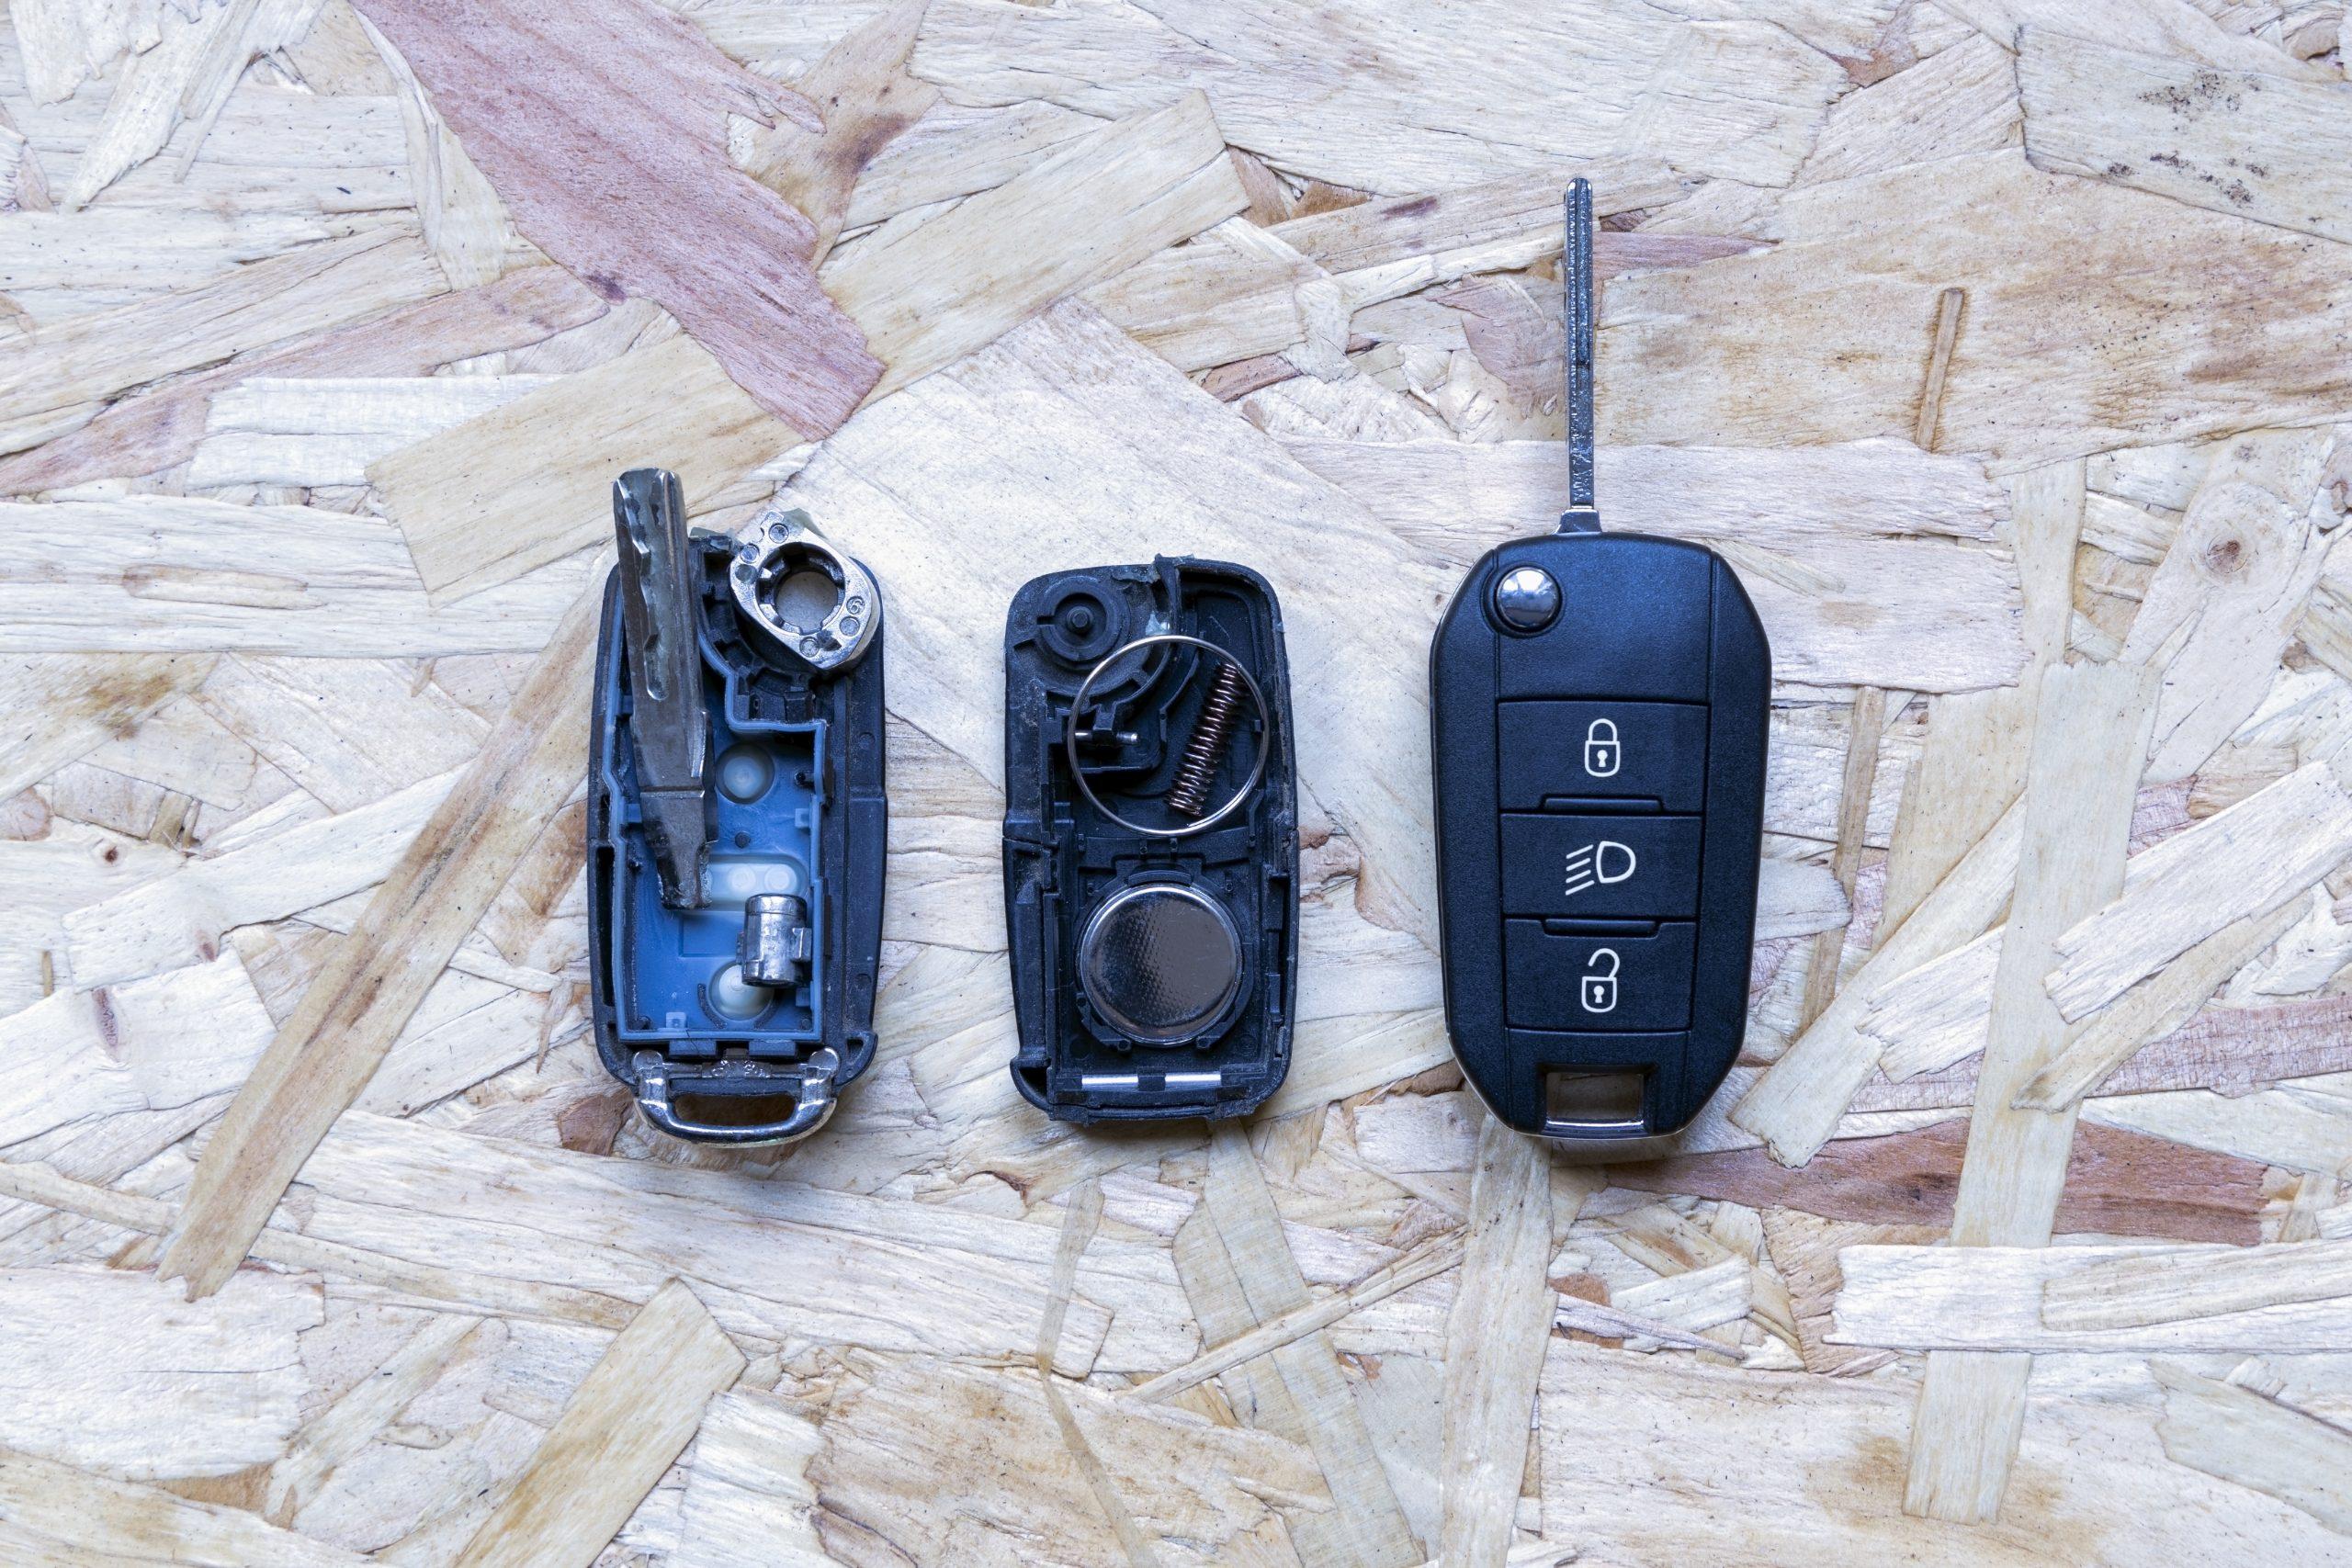 replacing faulty car lock